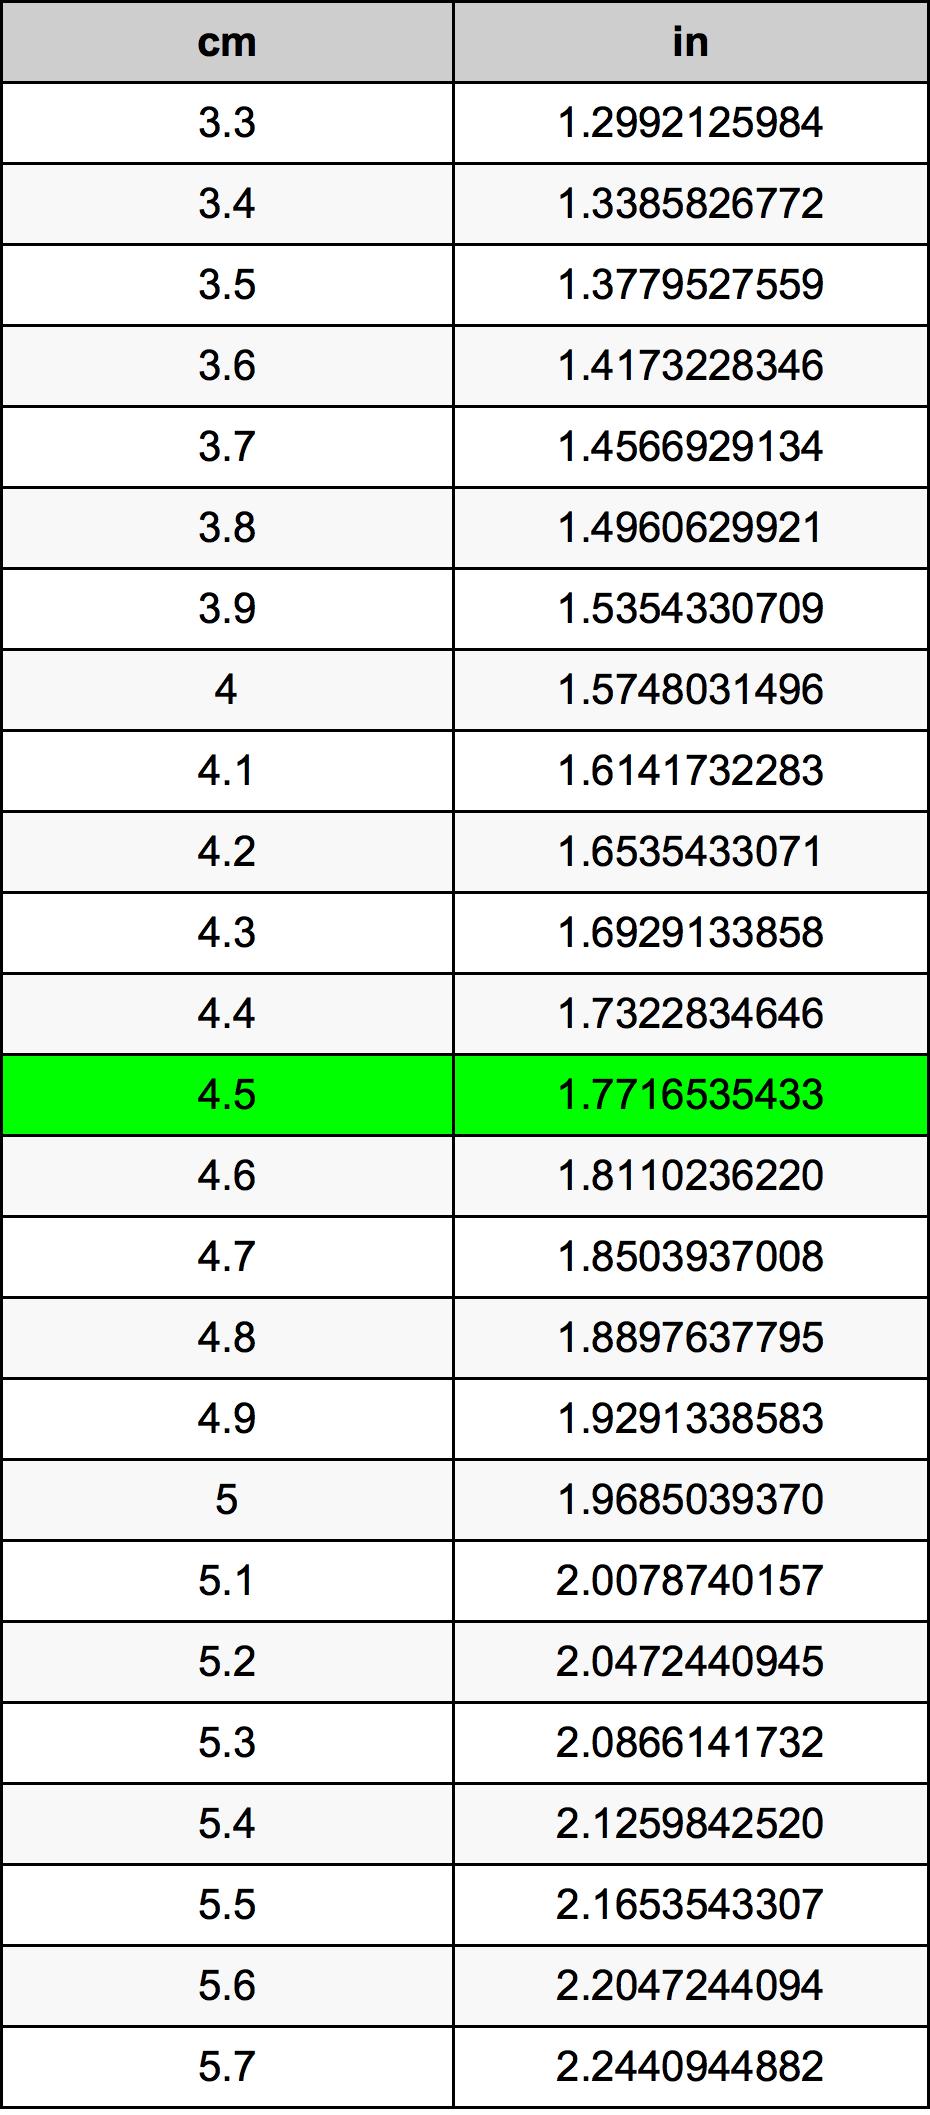 4.5 Zentimeter Umrechnungstabelle